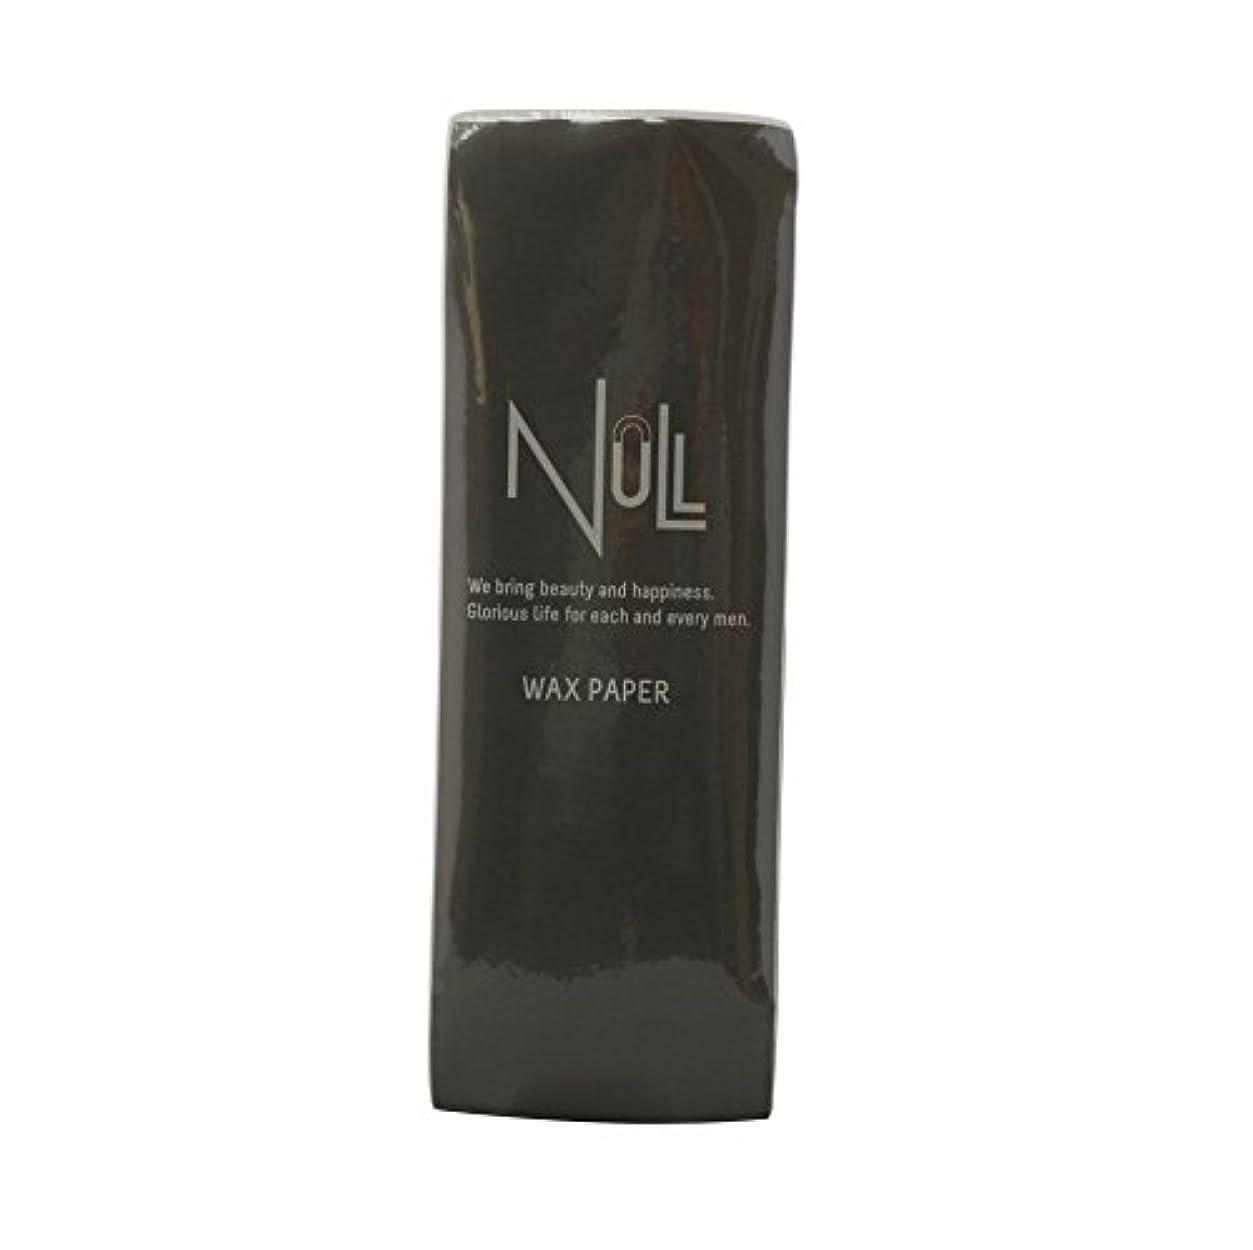 差別的確認してください混乱NULL ブラジリアンワックス用ペーパー 100枚入り 70mm幅 ワックス脱毛 専用